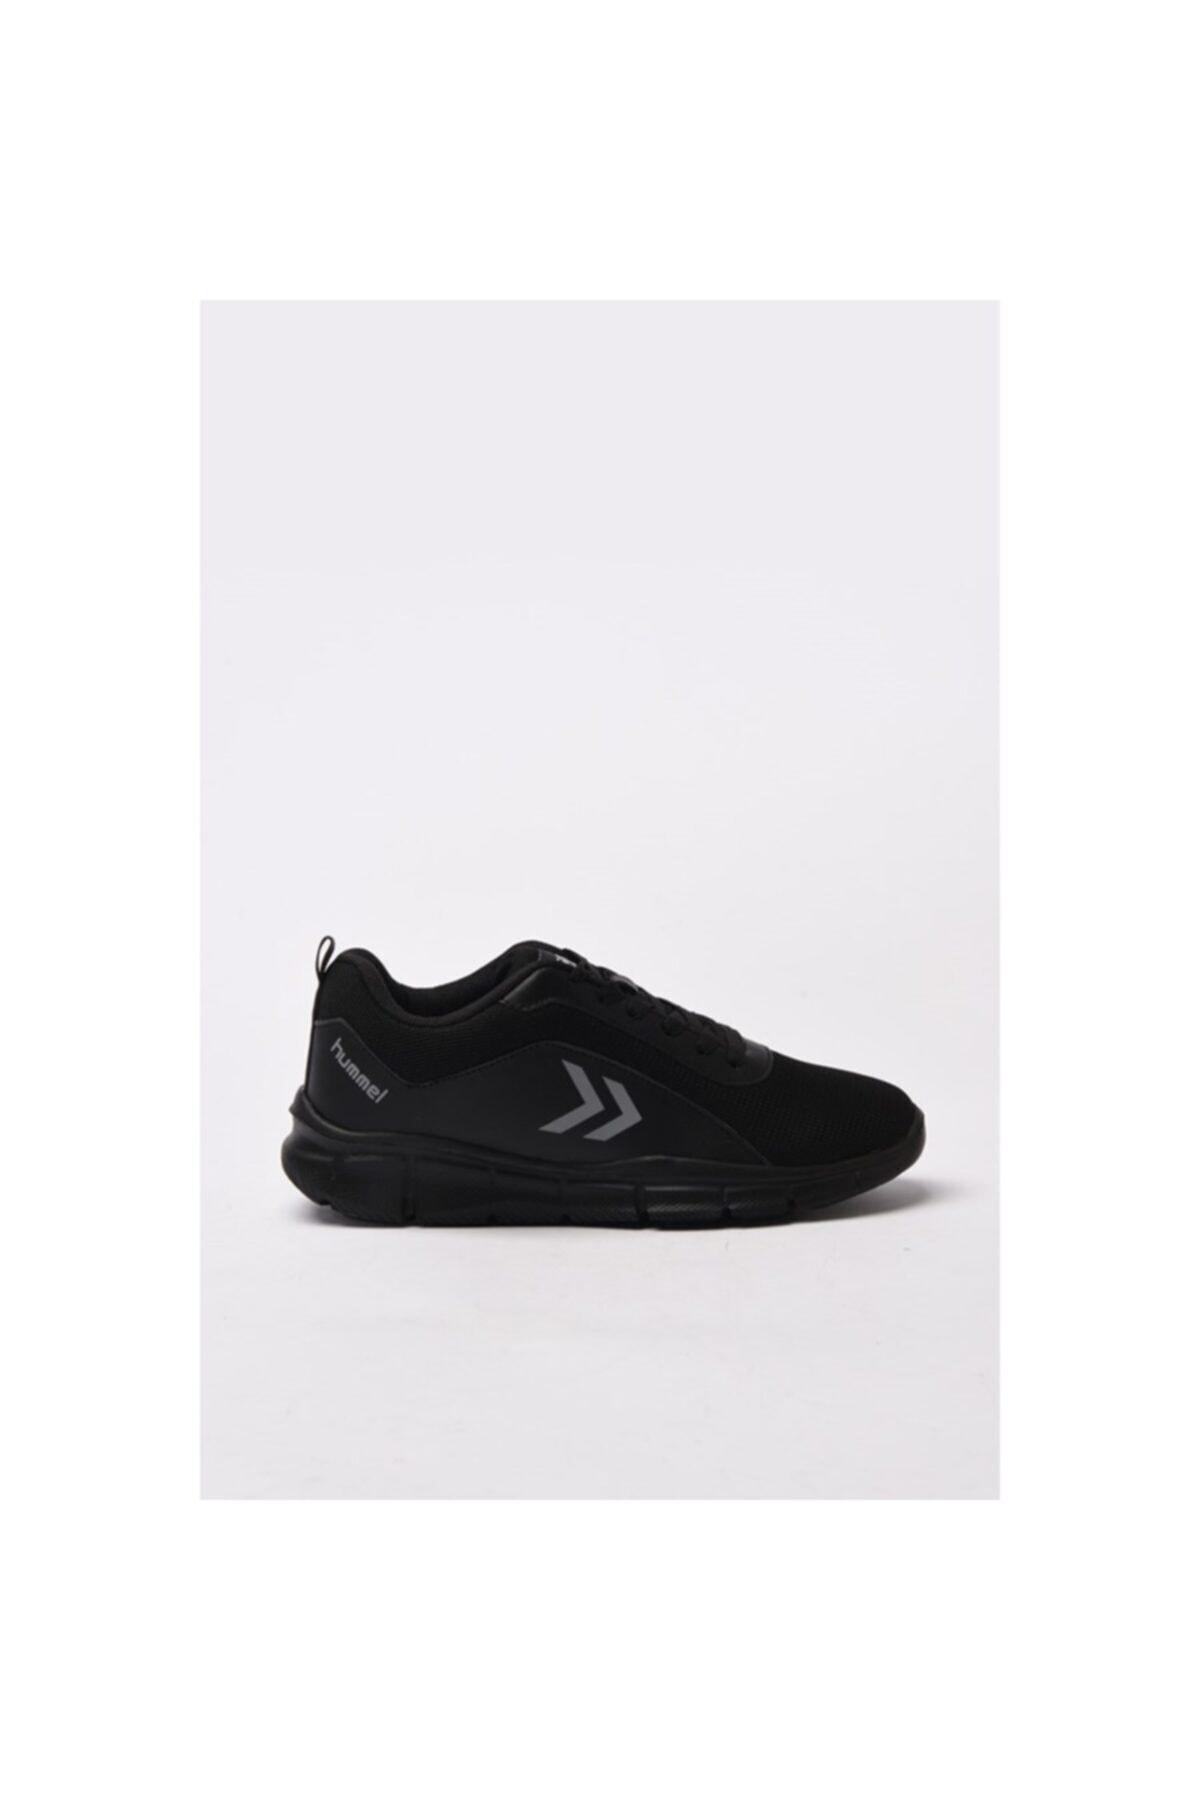 HUMMEL Ismır Smu Ayakkabı 1